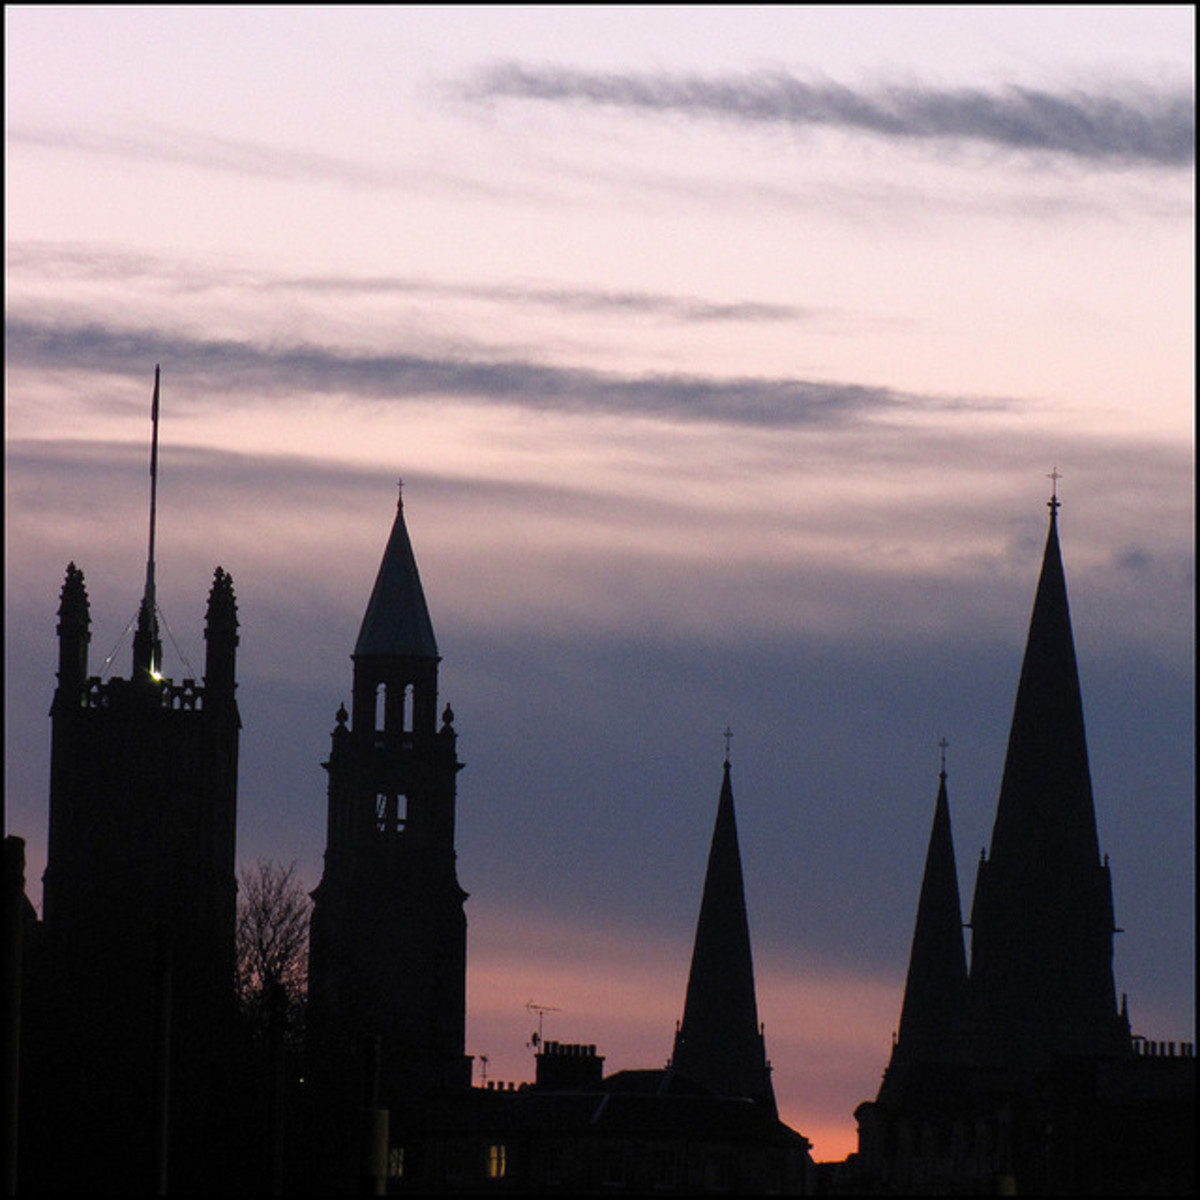 famous-churches-in-edinburgh